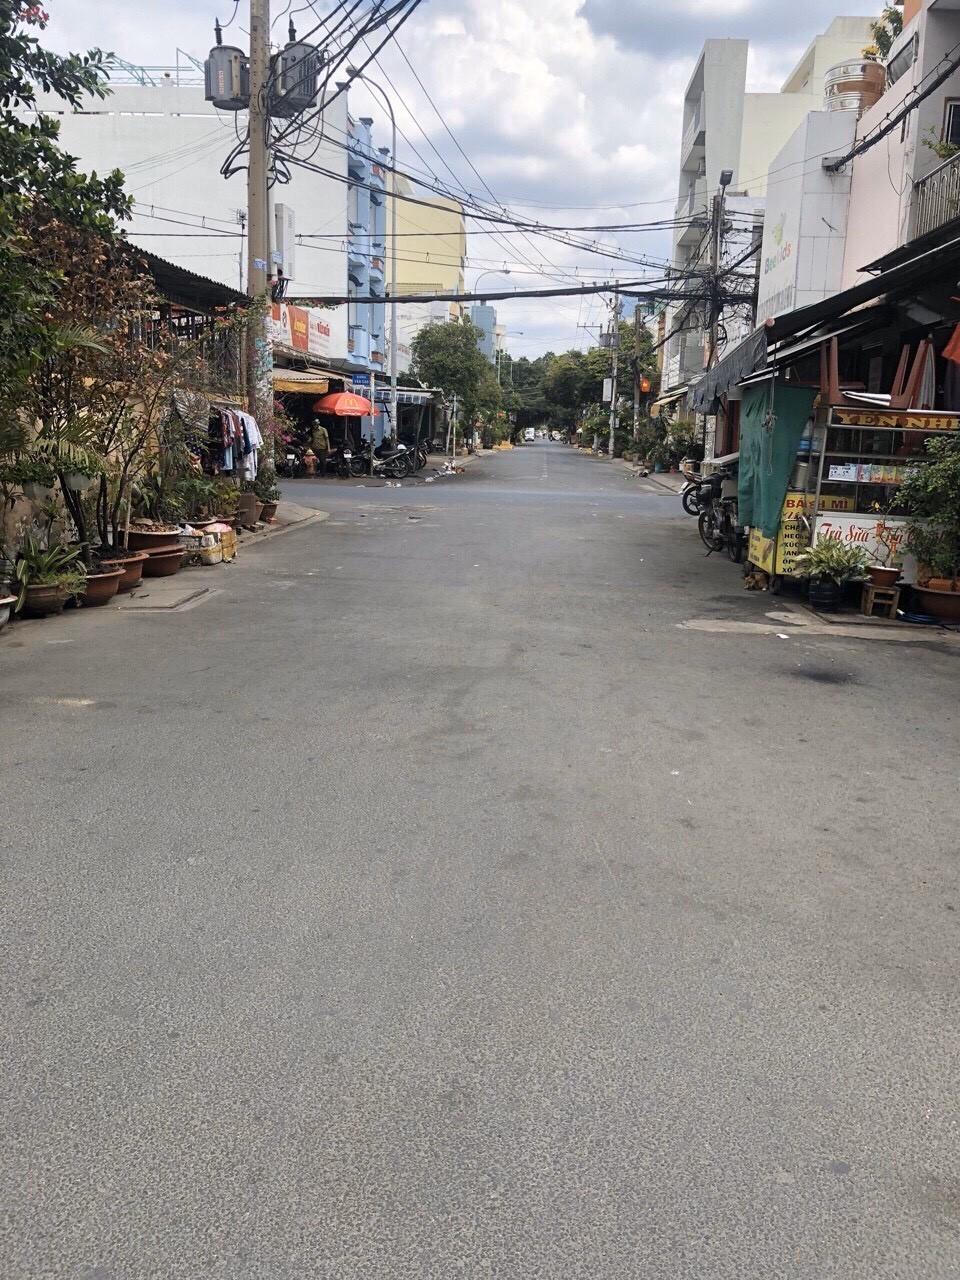 Bán nhà Mặt tiền đường Trần Thủ Độ phường Phú Thạnh quận Tân Phú giá 3 tỷ 300